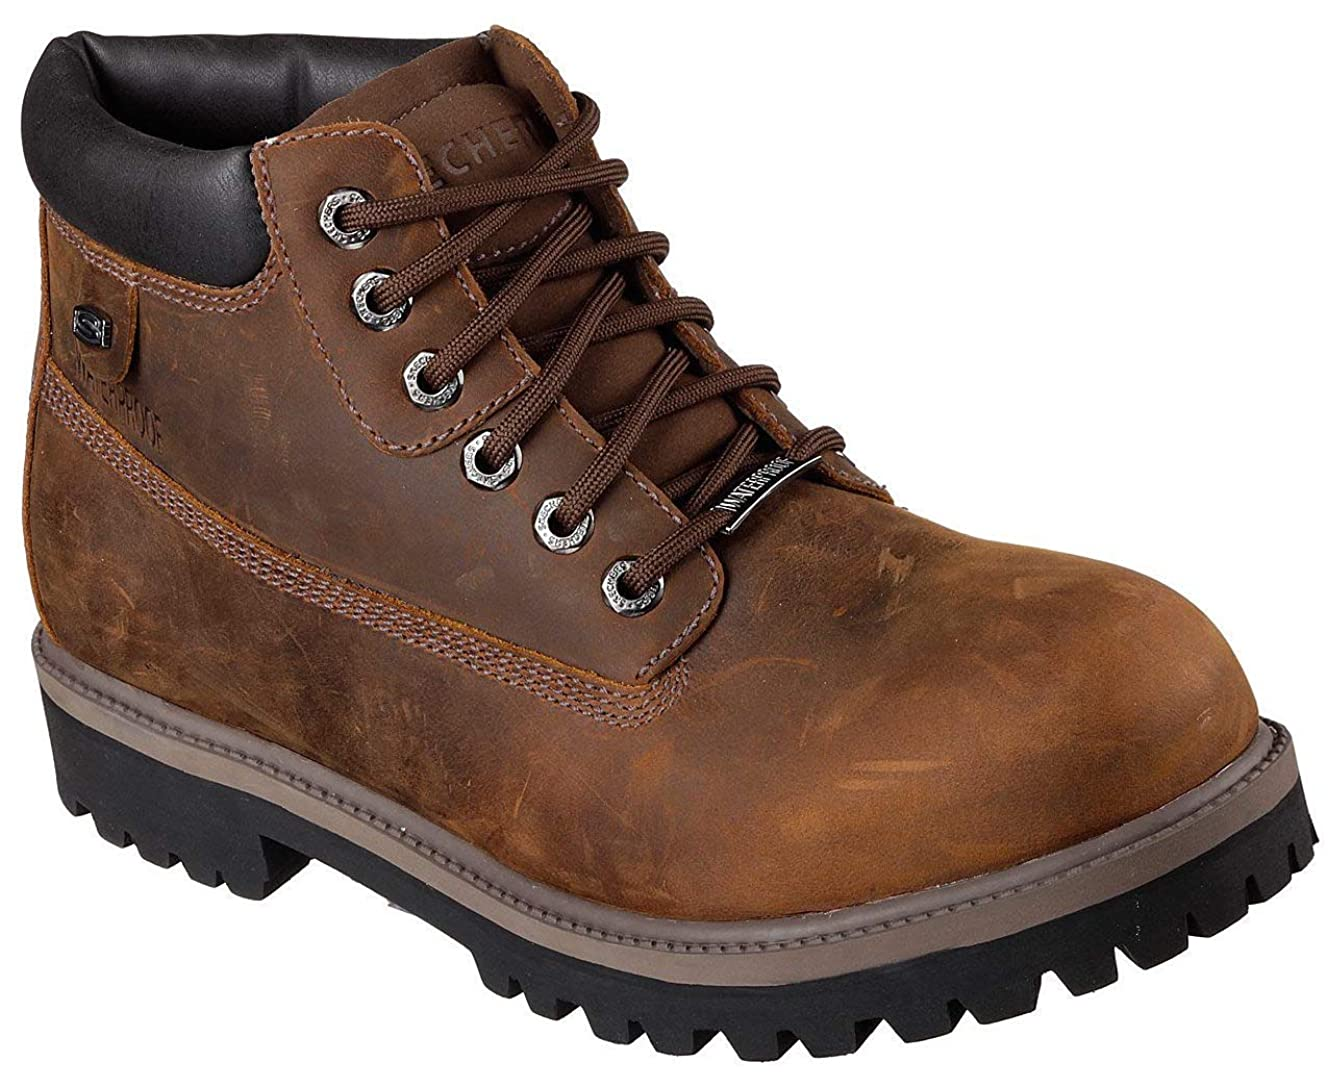 Skechers Men's Verdict Men's Boot,Dark Brown,11.5 EW